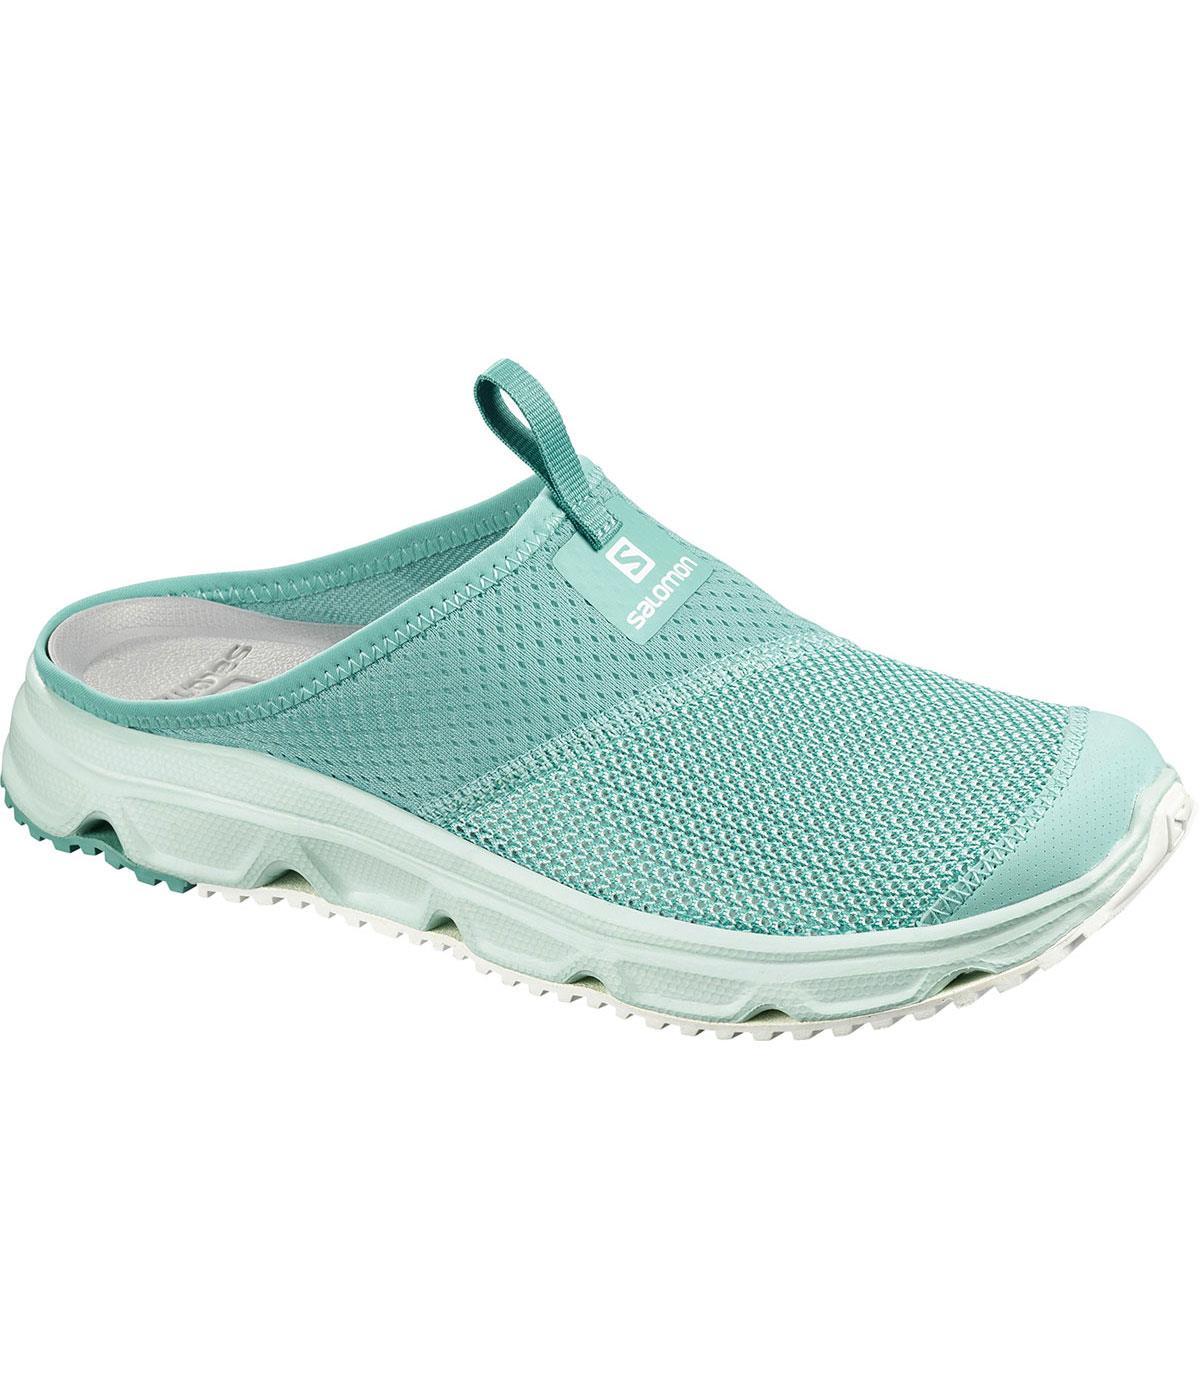 Salomon RX SLIDE 4.0 W Bayan Ayakkabısı L40955400